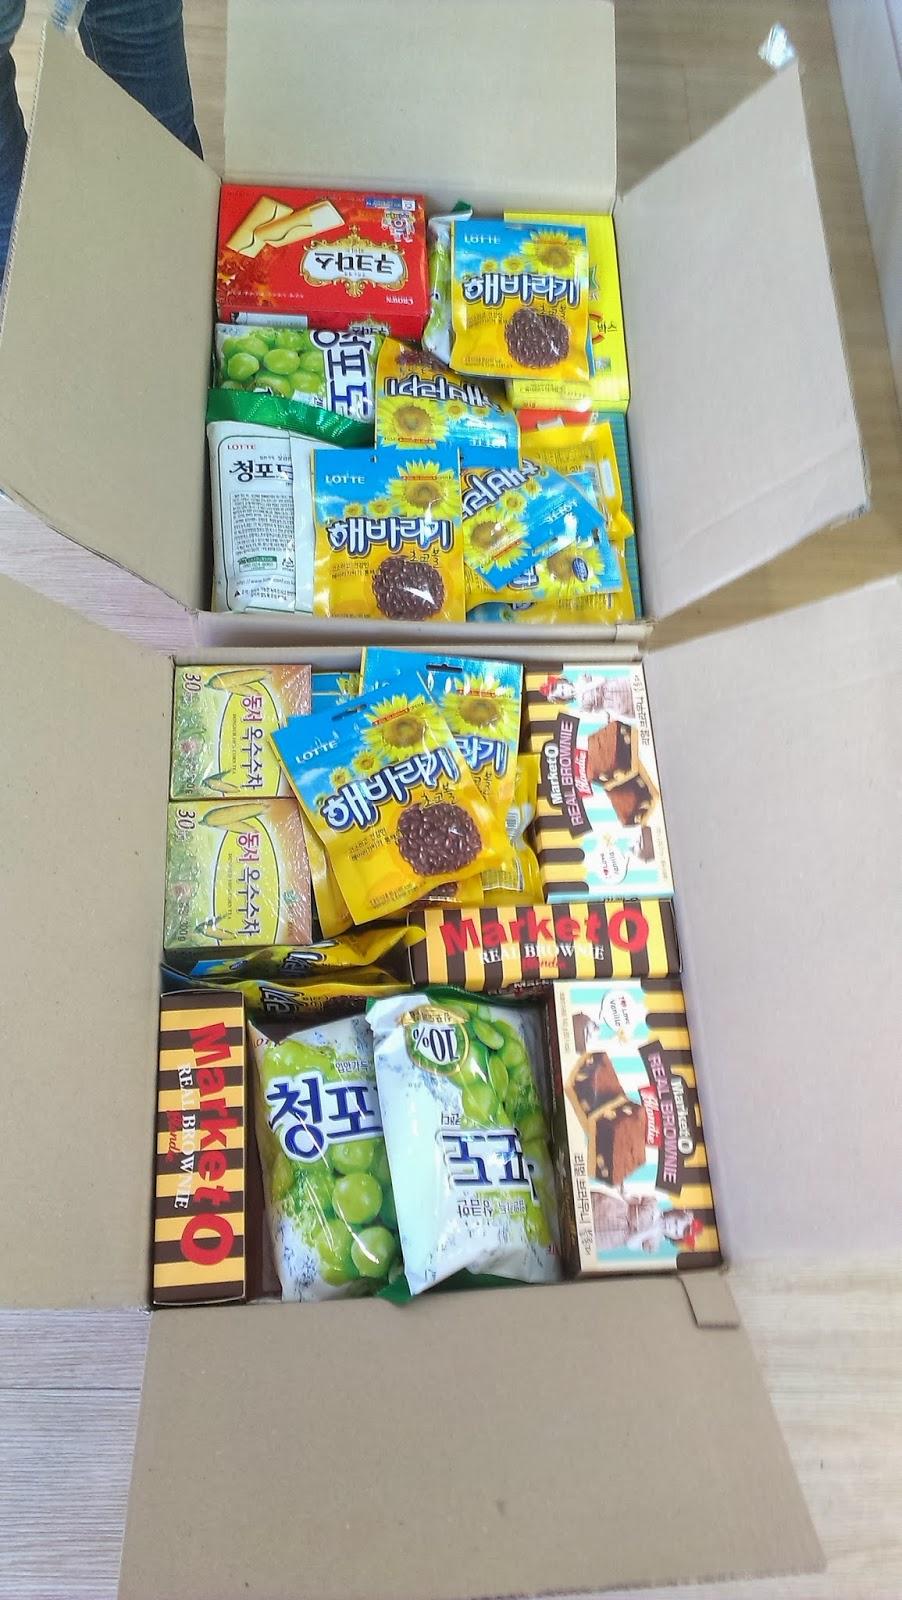 17茶, EMS, Letto, 代購, 巧克力, 巧克力餅乾, 拍賣, 樂天, 泡麵, 現貨, 賣場, 進貨, 雅虎, 露天, 韓國, 預購